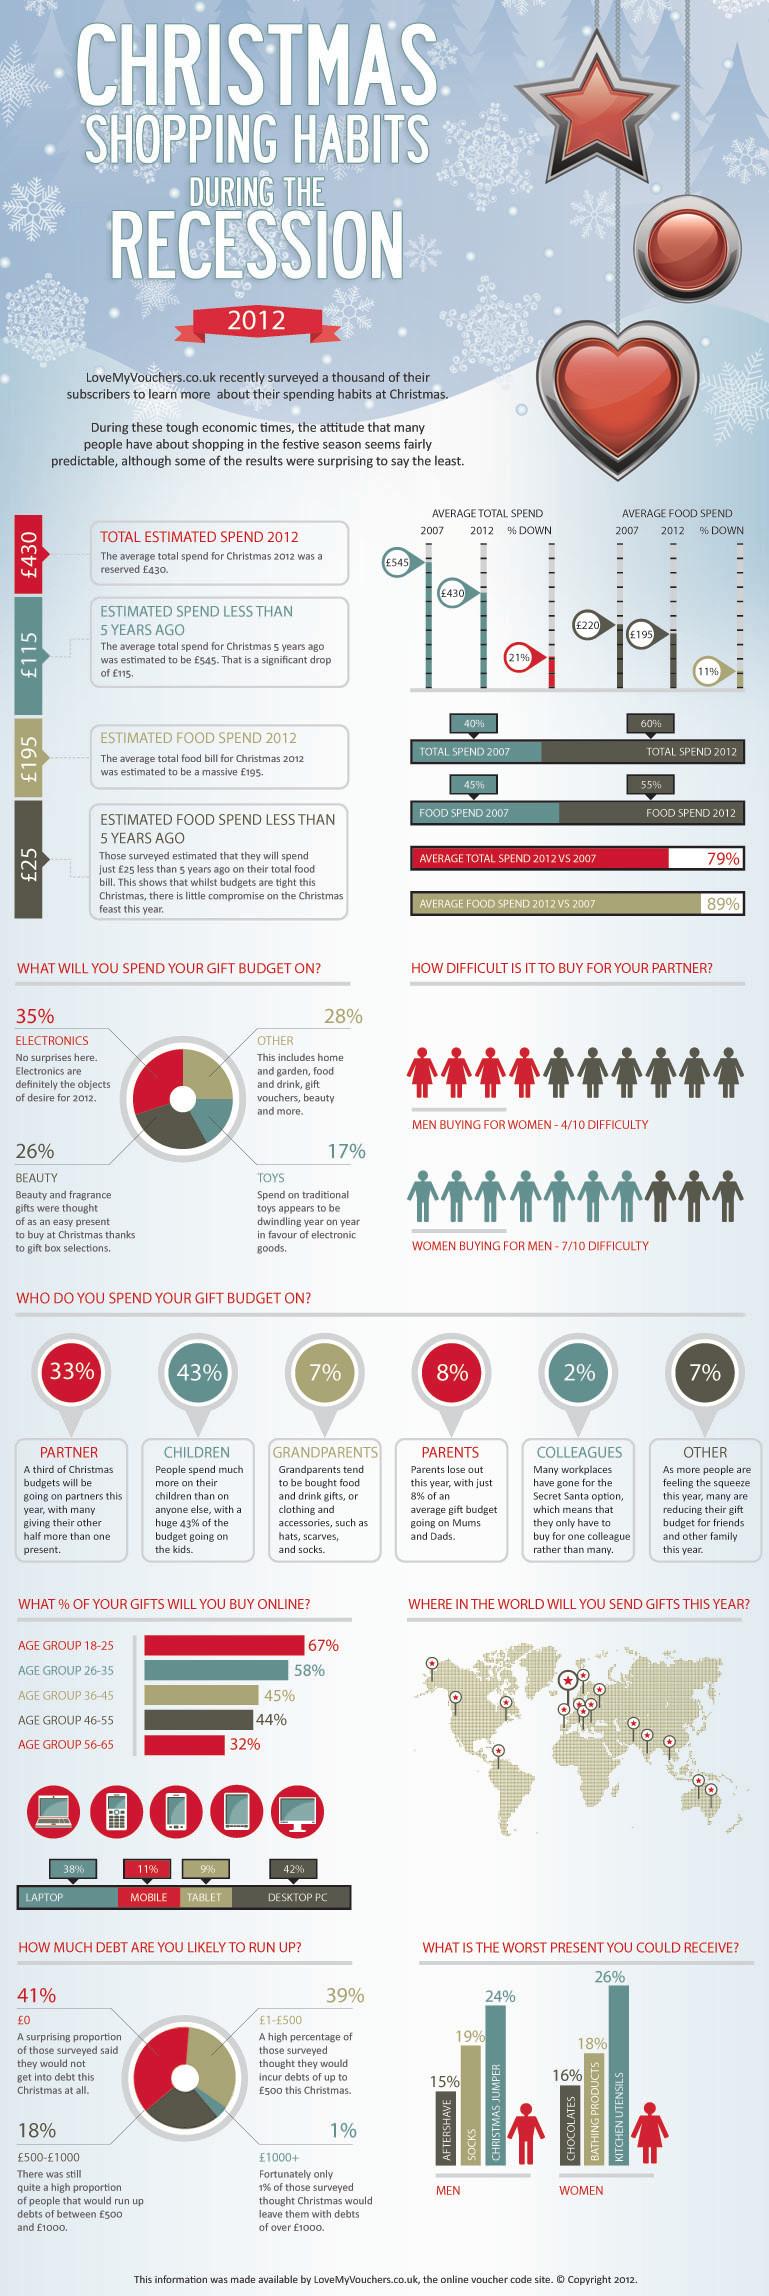 Christmas 2012 Infographic